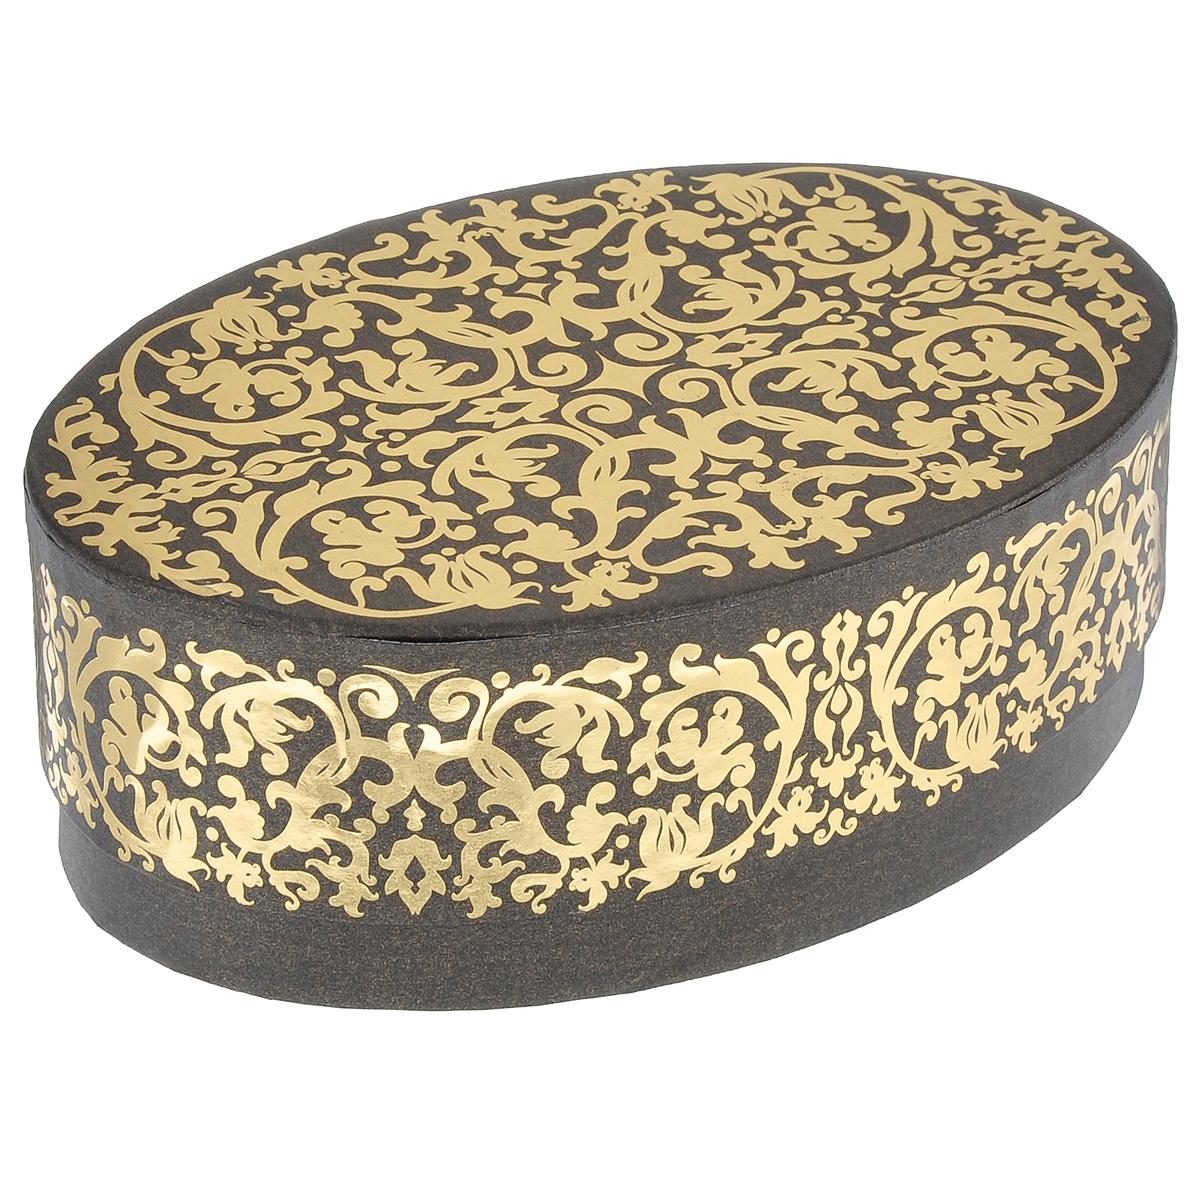 Коробка подарочная Карамель, 18 см х 12 см х 6 см4610009210490Подарочная коробка Карамель изготовлена из плотного картона, оформленного красивым золотистым орнаментом. Прекрасно подходит в качестве подарочной упаковки для мелких предметов. Красивый дизайн привлекает внимание, кроме того, он универсальный, поэтому коробка подойдет в качестве подарочной упаковки как для женщин, так и для мужчин. Подарок, преподнесенный в оригинальной упаковке, всегда будет самым эффектным и запоминающимся. Окружите близких людей вниманием и заботой, вручив презент в нарядном, праздничном оформлении.